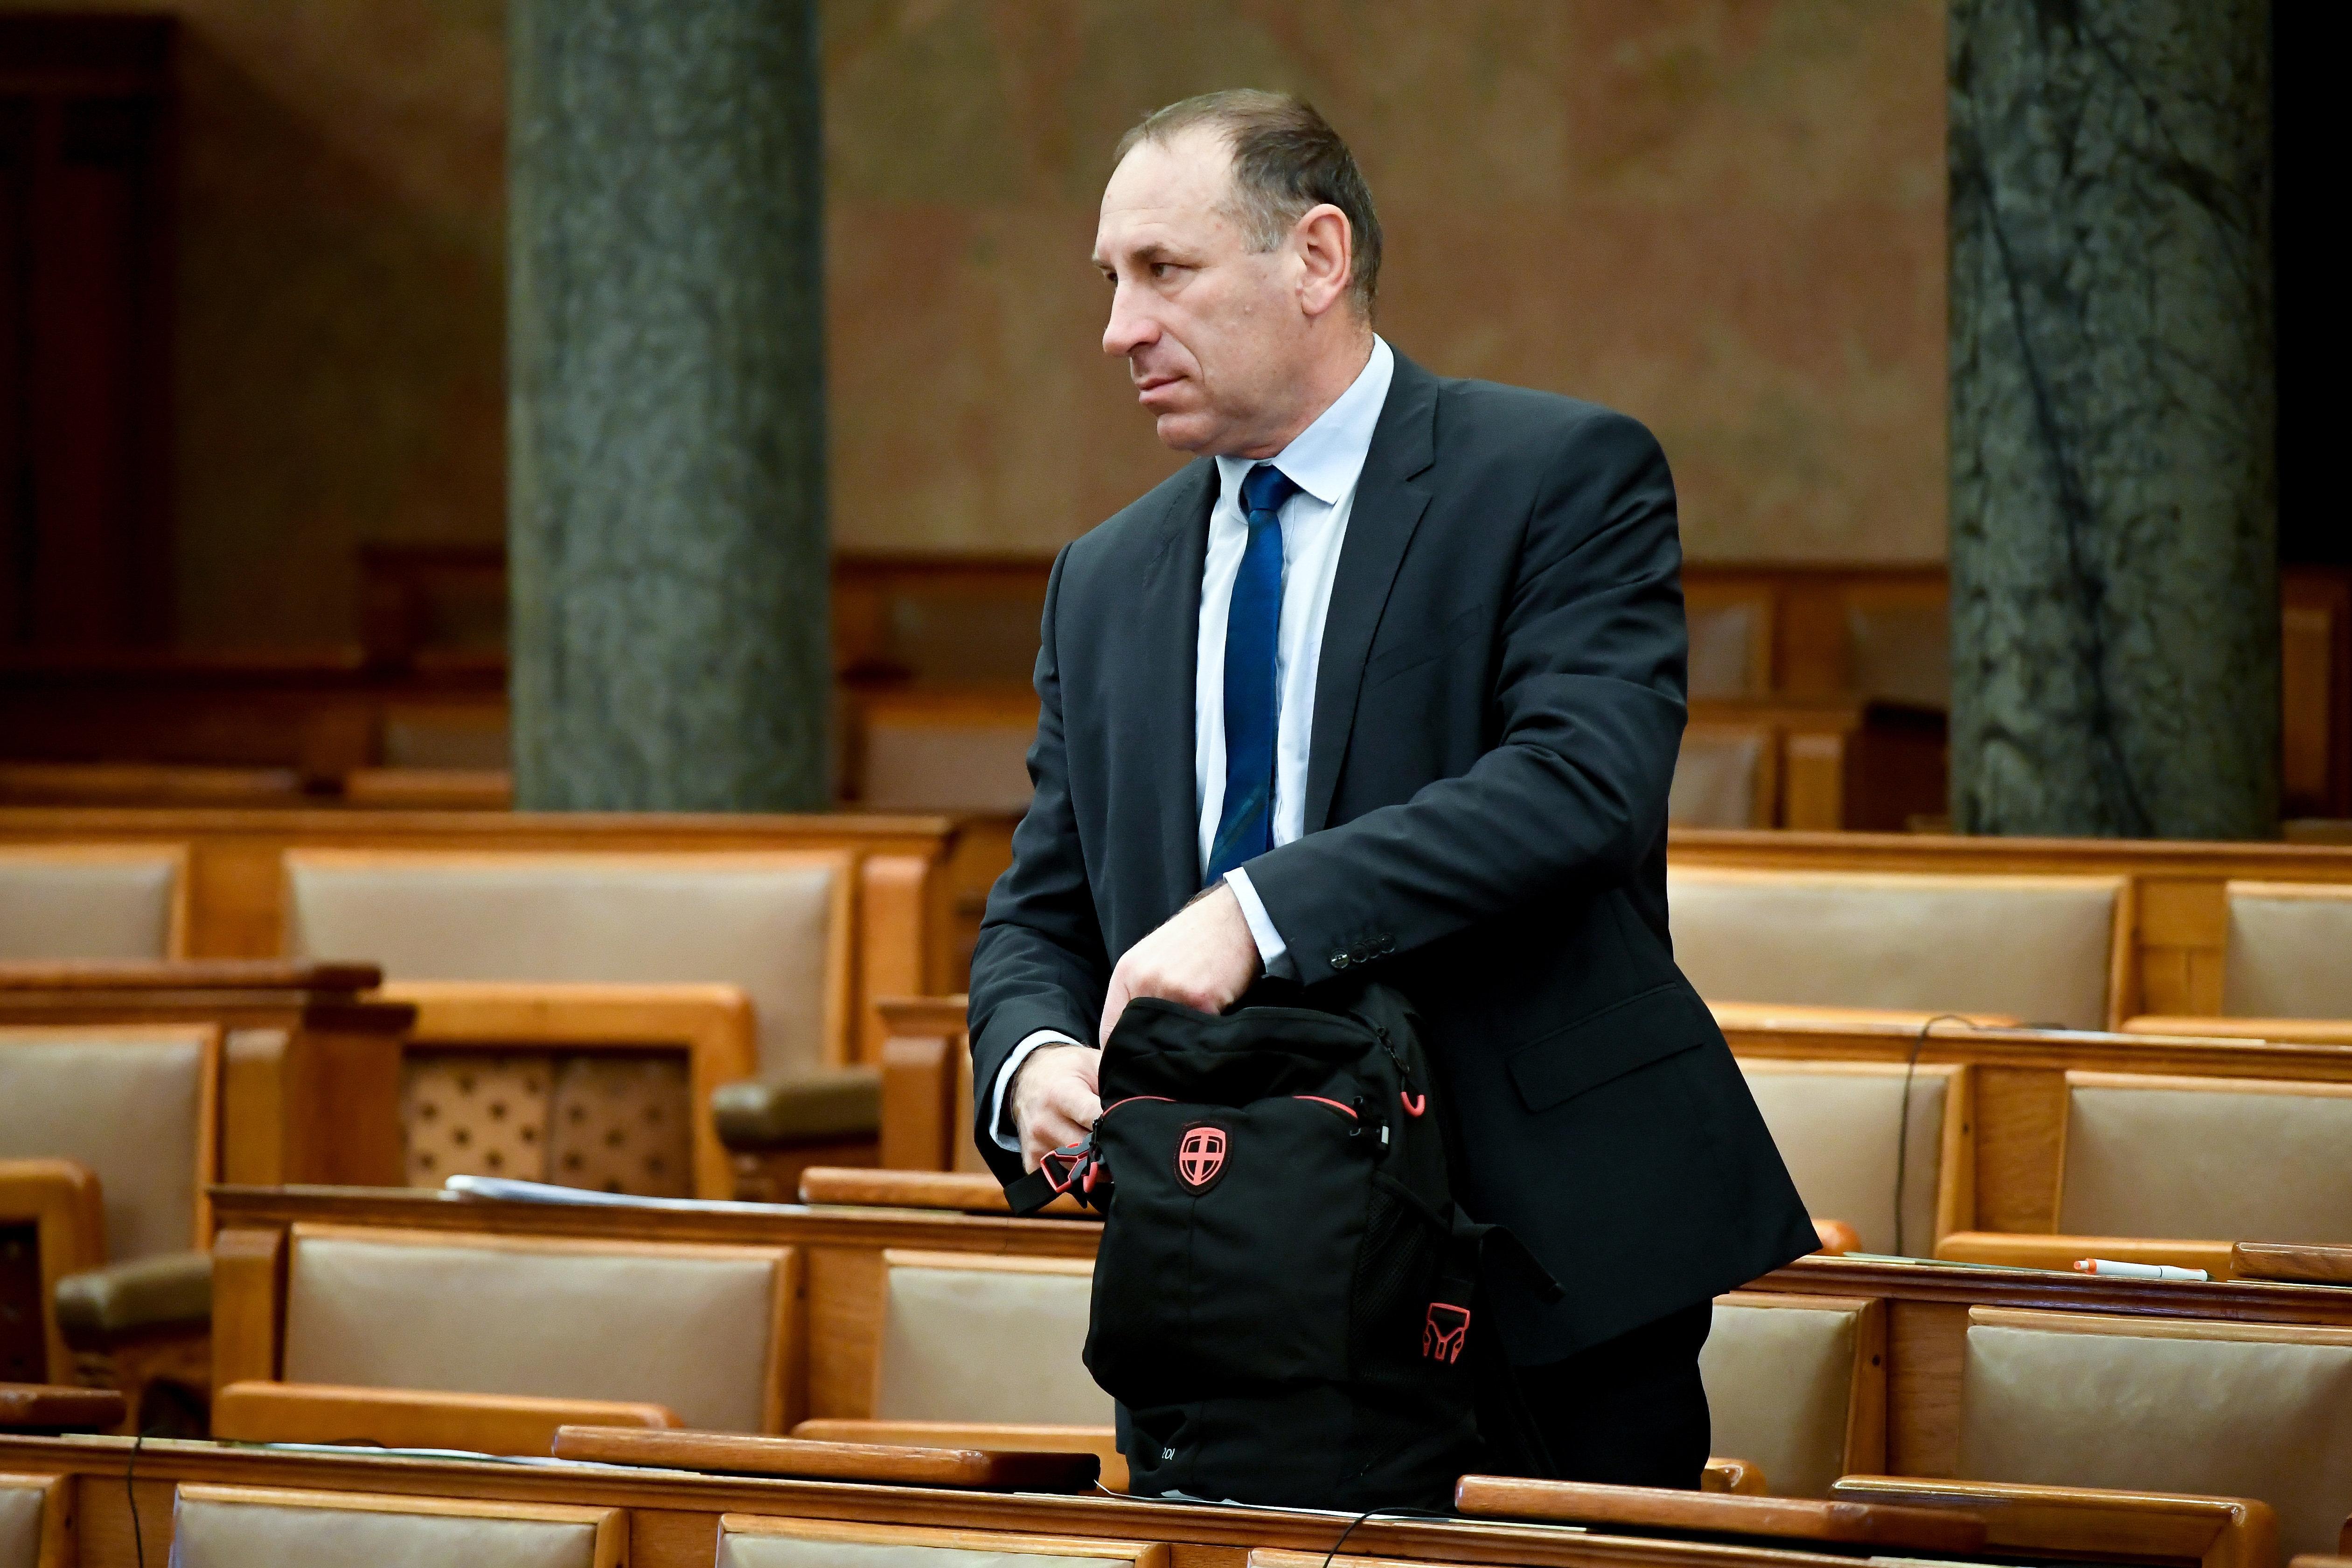 Fidesz Abgeordneter István Boldog wegen Korruption angeklagt post's picture